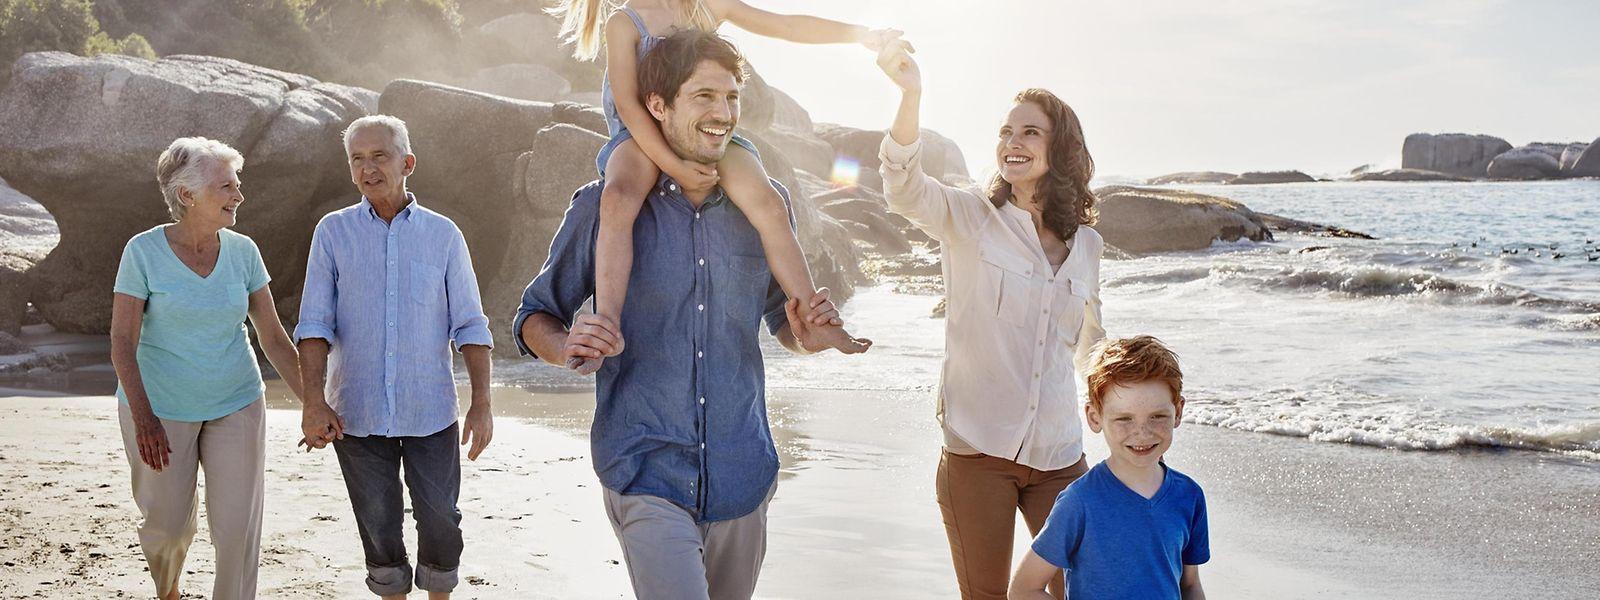 Oma und Opa sind auch dabei: Mehr-Generationen-Urlaub ist in Zeiten von Patch-Work-Familien keine Seltenheit mehr. Und die ältere Generation hat eher das nötige Kleindgeld für Reisen als junge Familien.